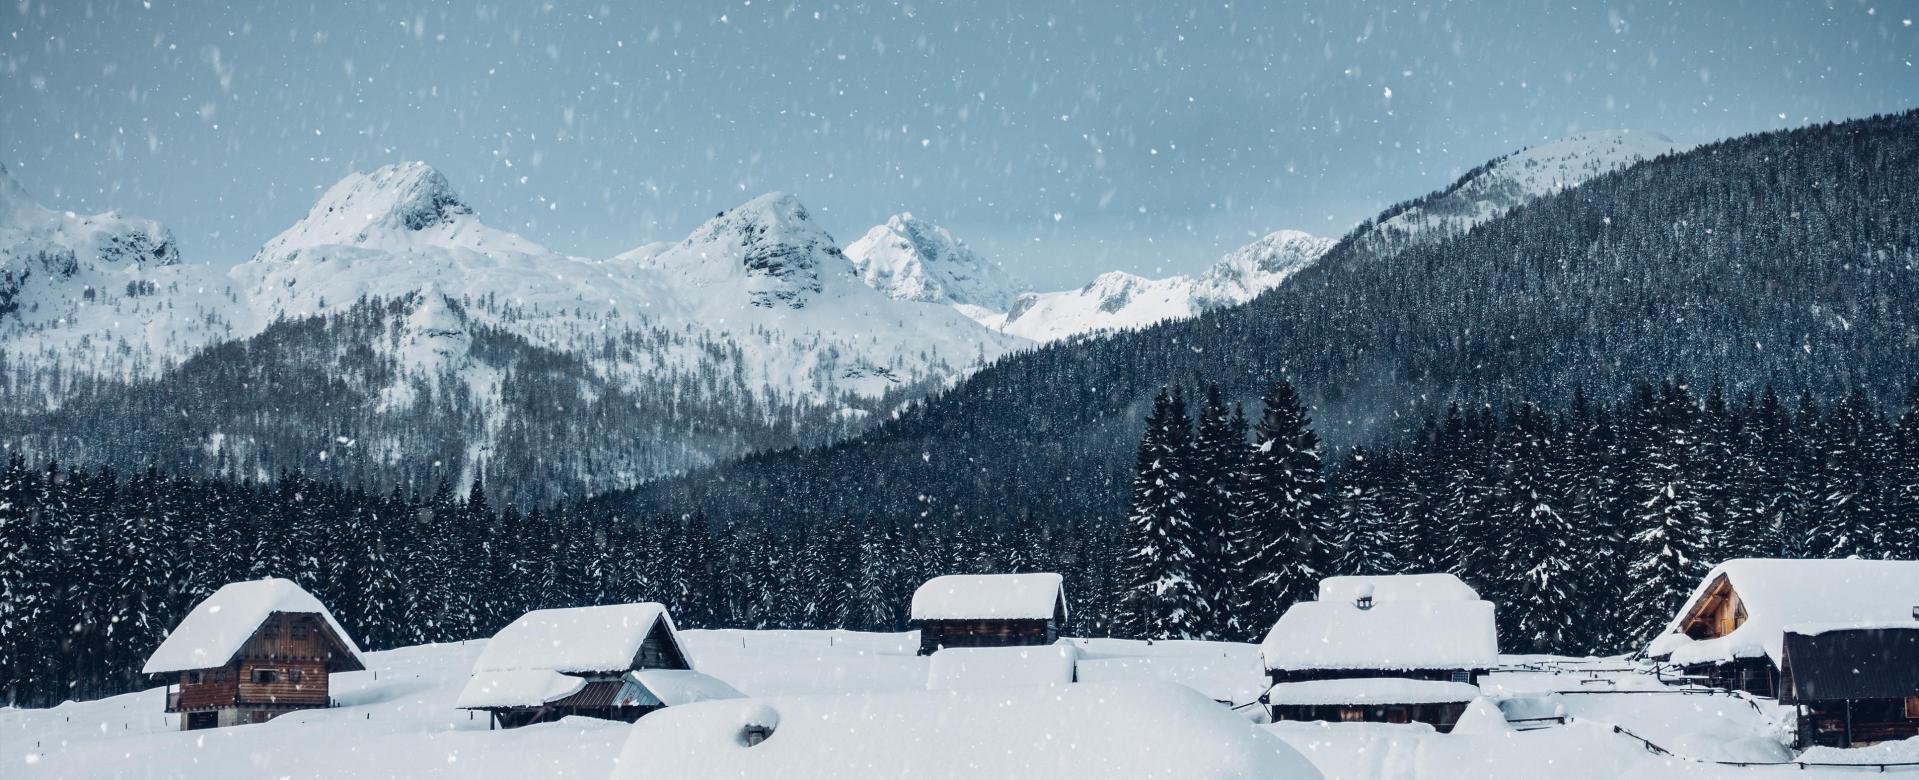 Voyage à la neige : Réveillon au triglav sous la neige